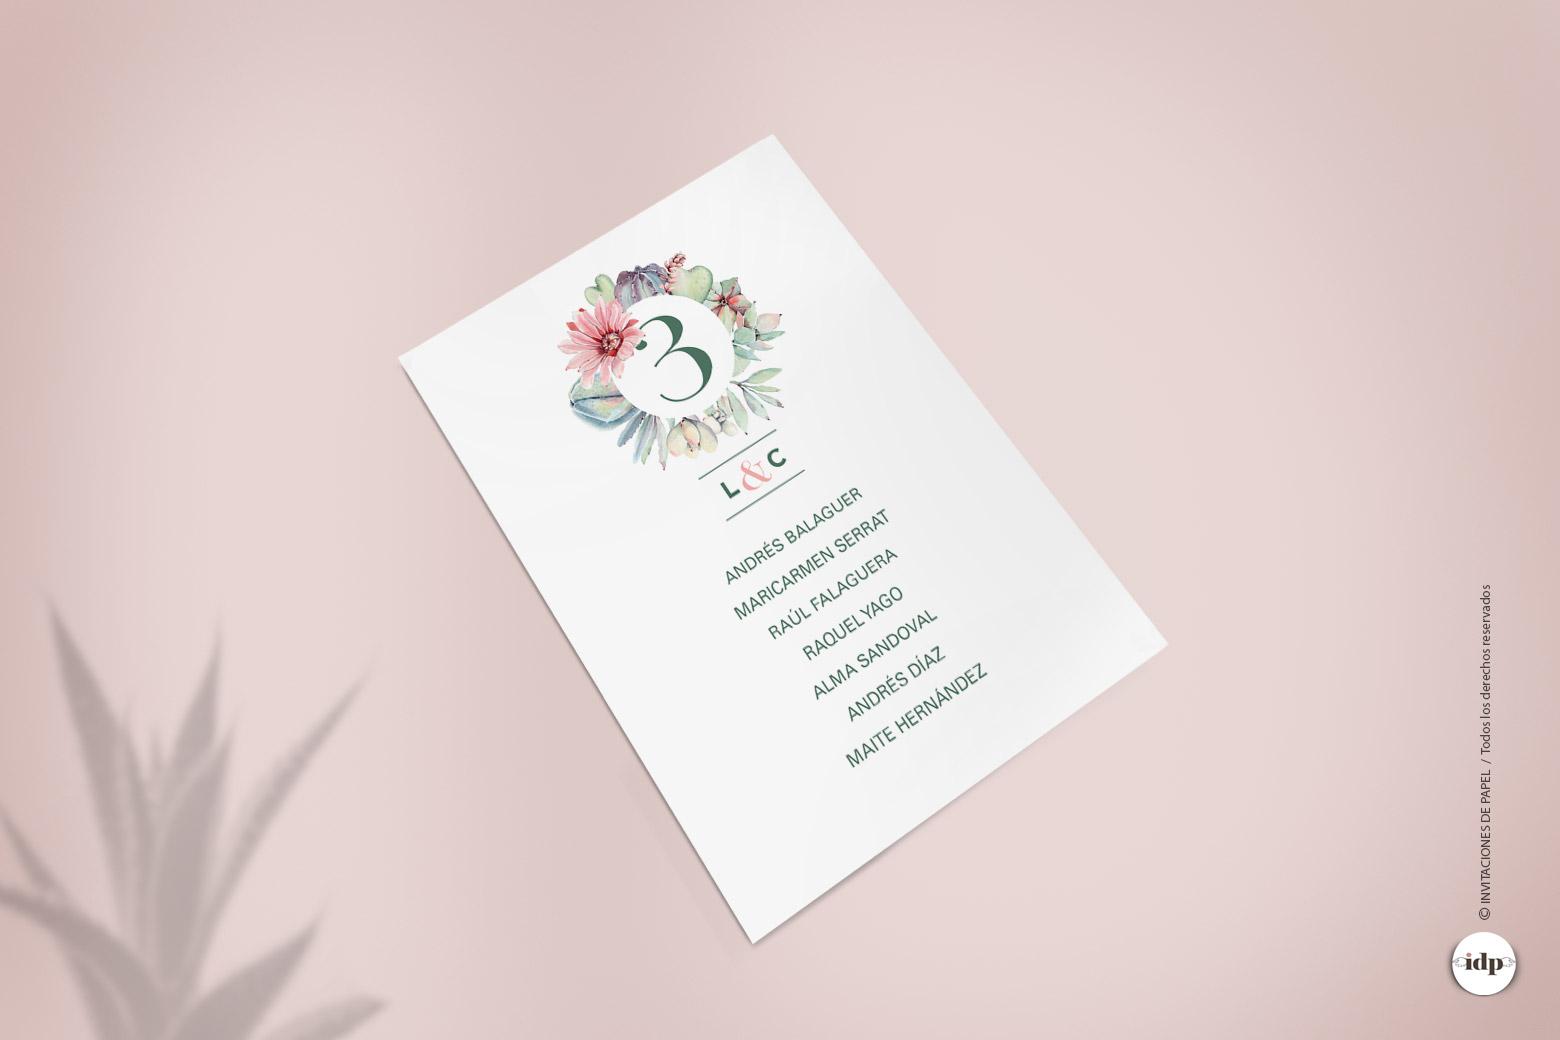 Listas de Mesa de Boda con Cactus y Flores en Acuarela formando una corona